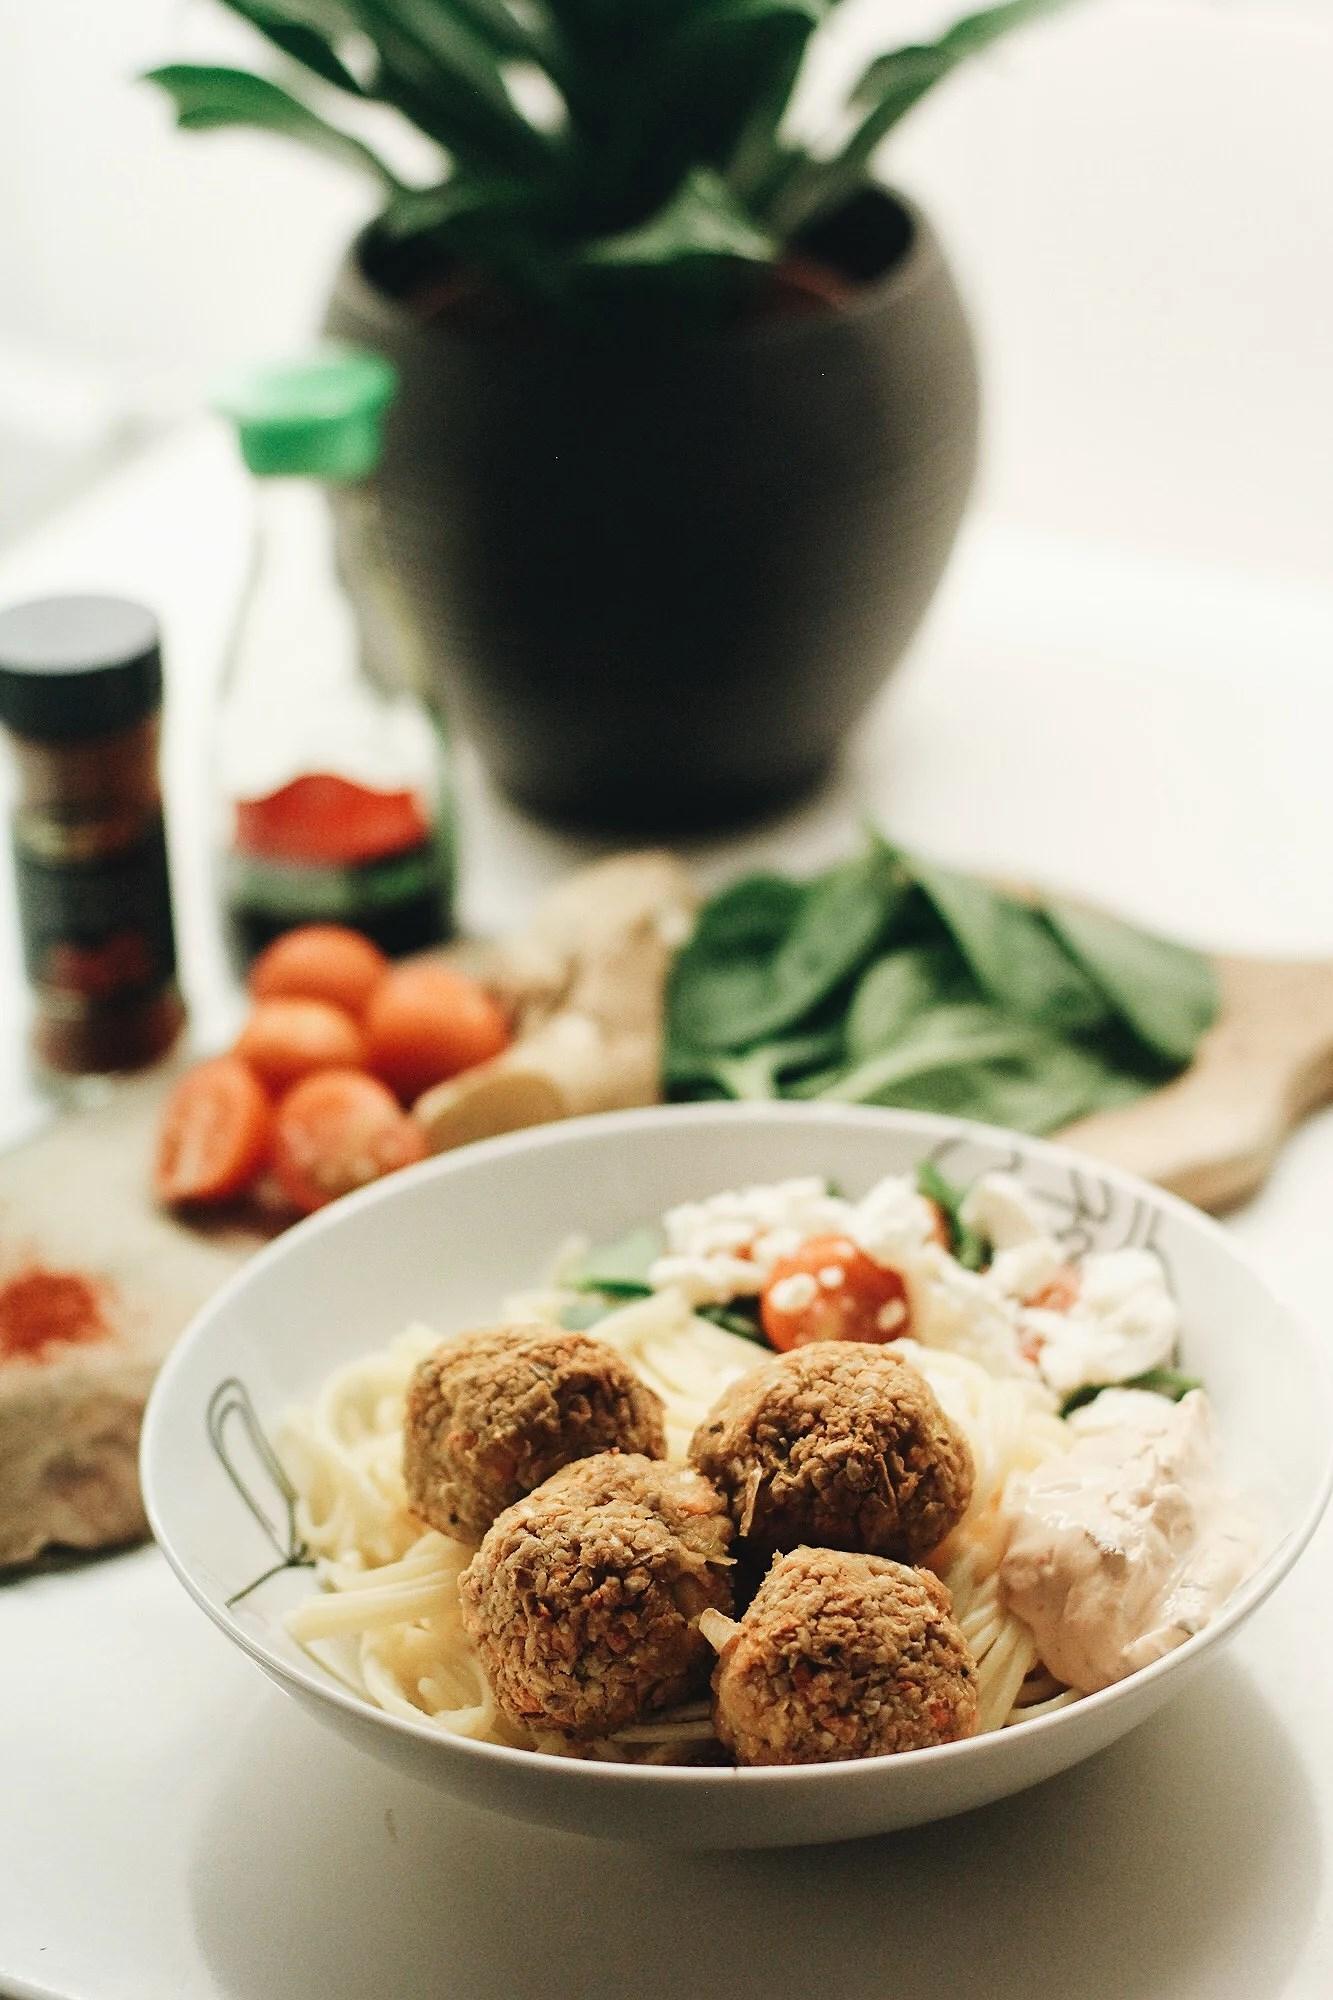 morot- och ingefärsbollar. (vegan + gf)